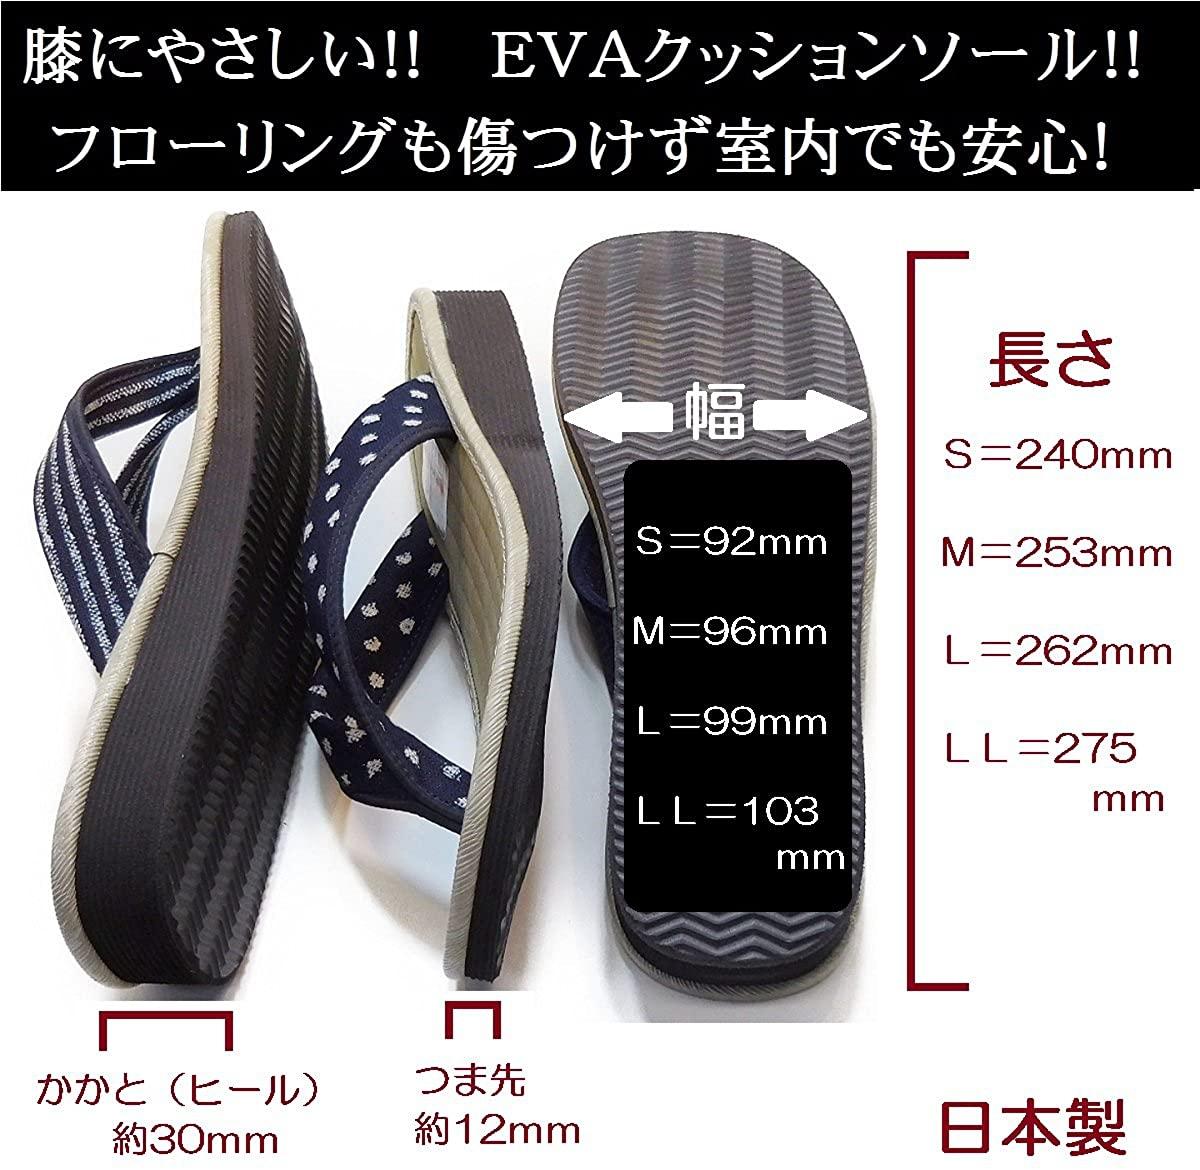 やまとっ子(ヤマトッコ)本畳ぞうり 男性用の商品画像2